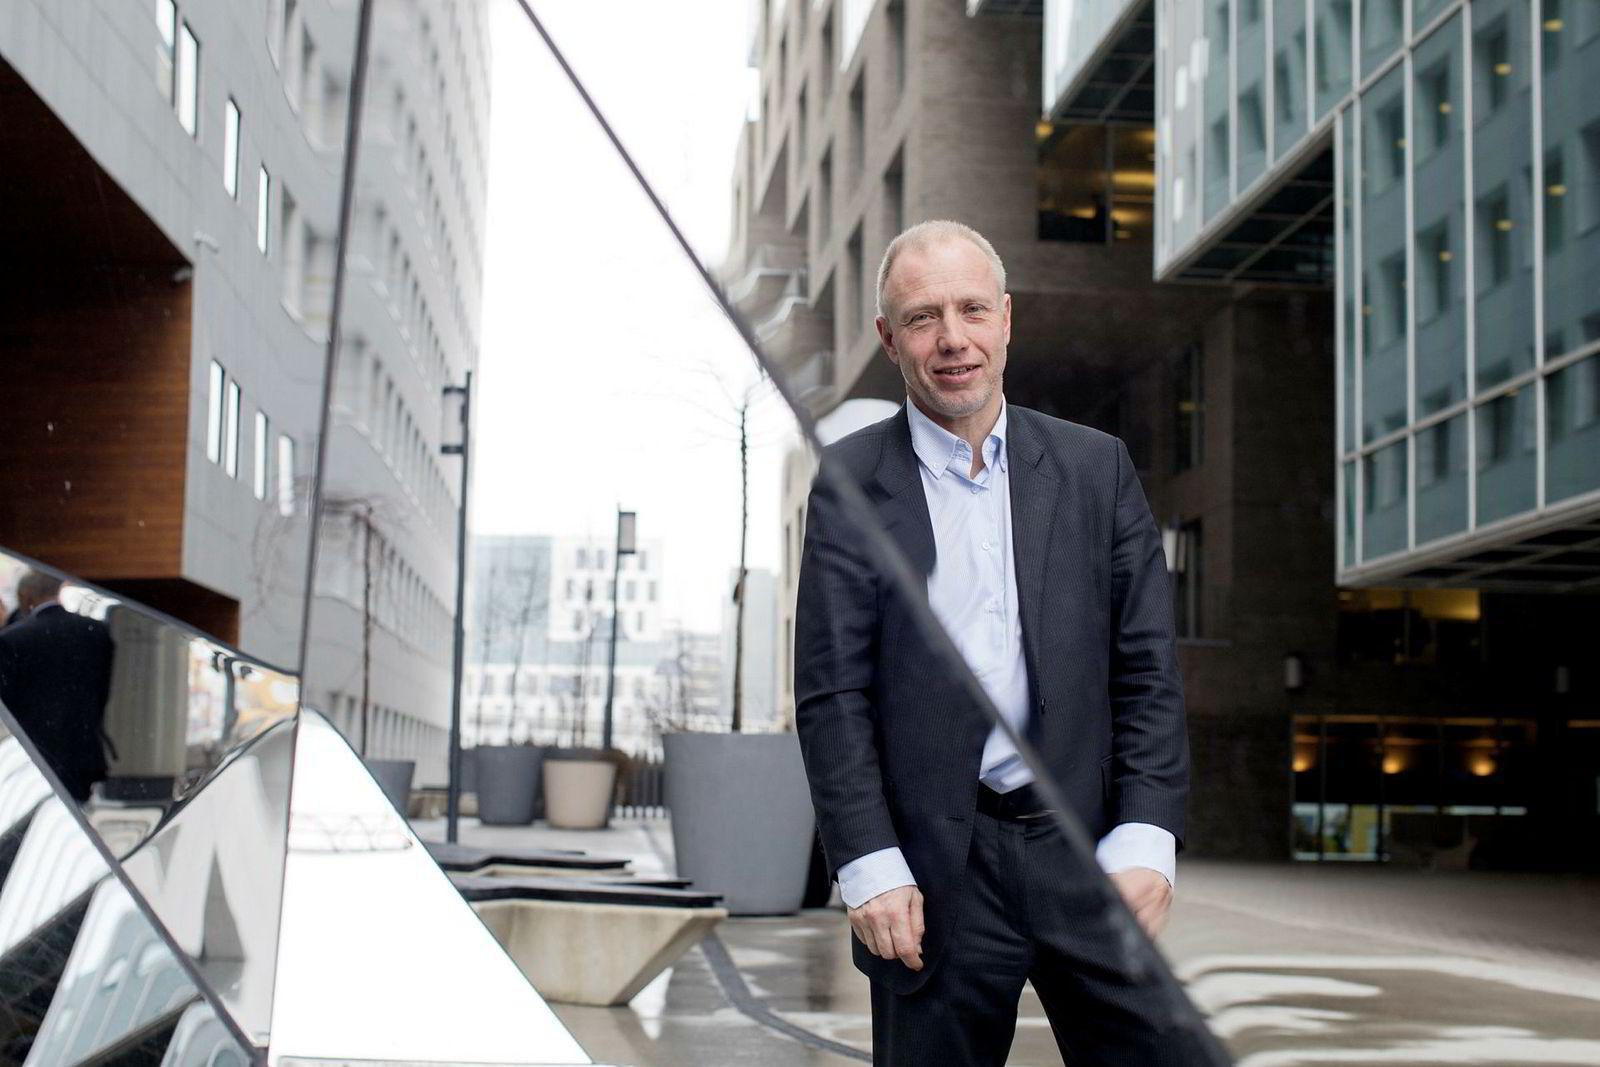 Aksjestrateg Kristian Tunaal i DNB Markets tar ut oljeserviceselskapet Kværner fra porteføljen denne uken.